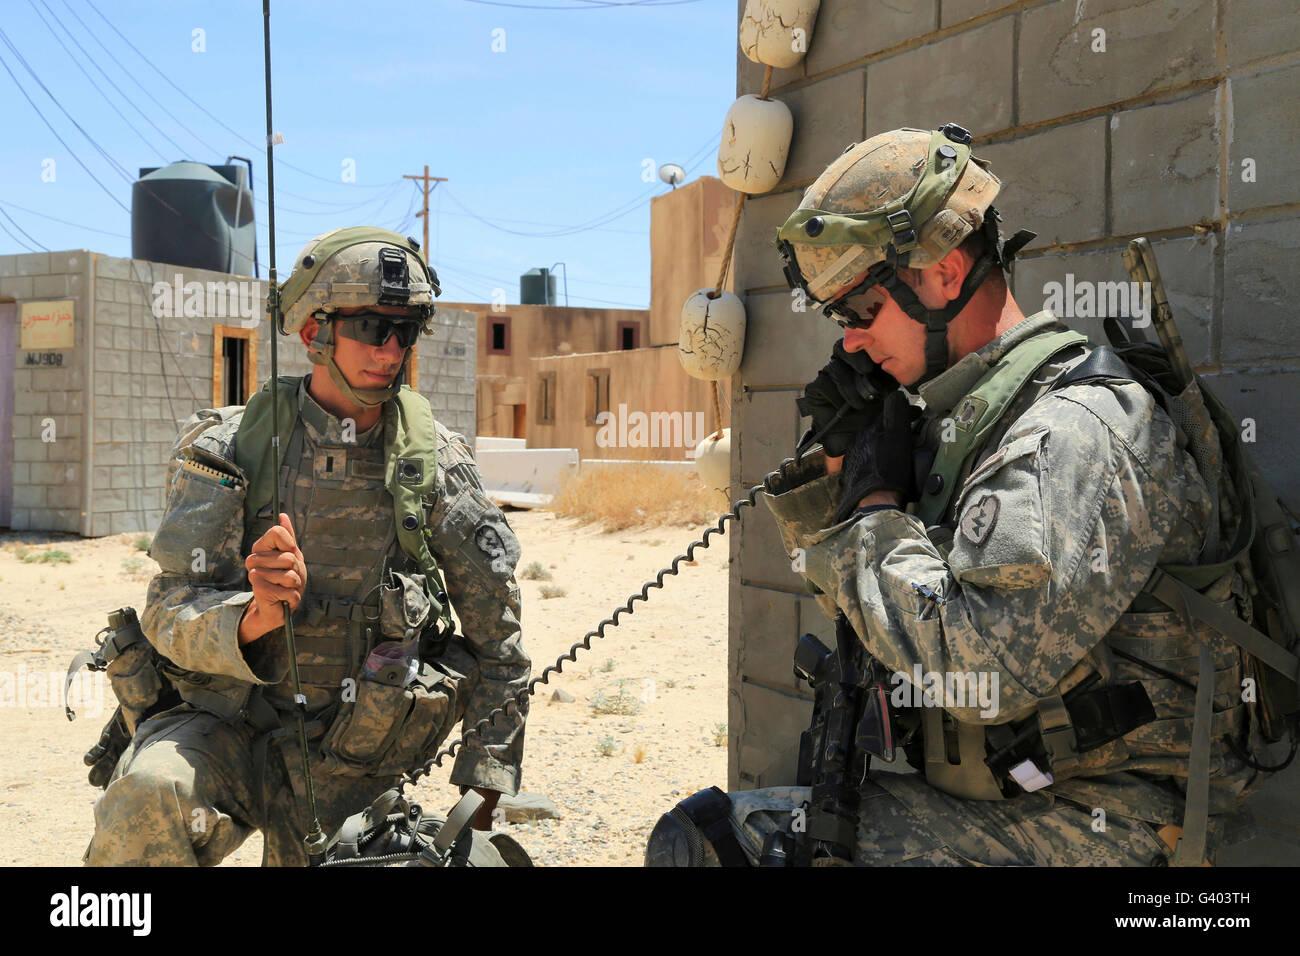 Soldados del ejército de Estados Unidos utiliza una radio para comunicarse. Imagen De Stock